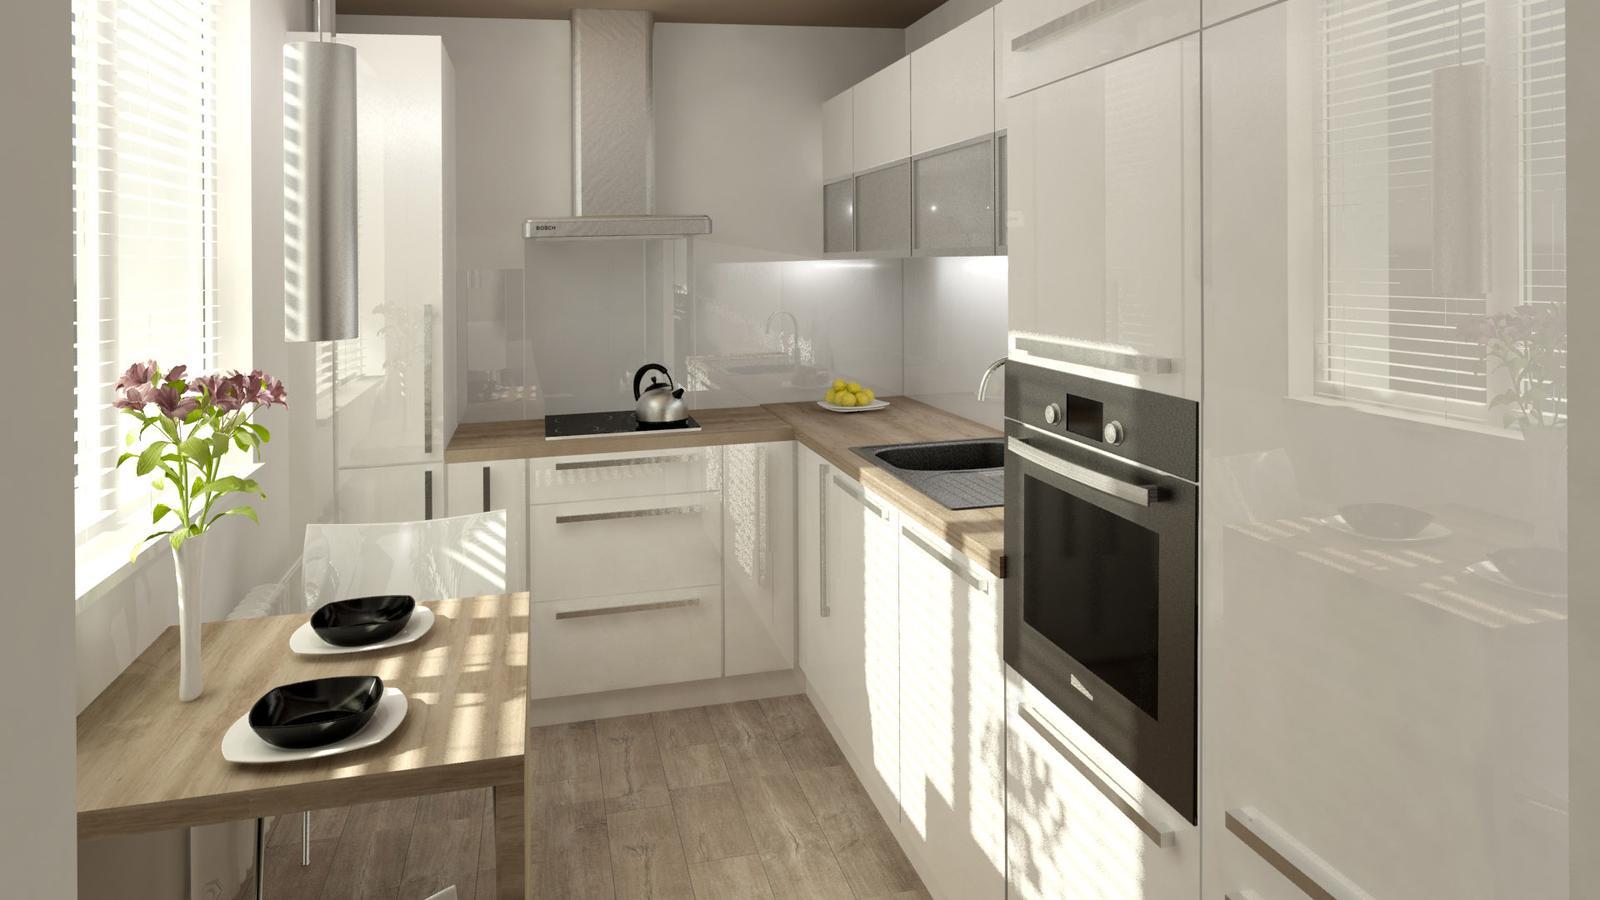 Inspirace pro rekonstrukci panelákového bytu - Obrázek č. 40